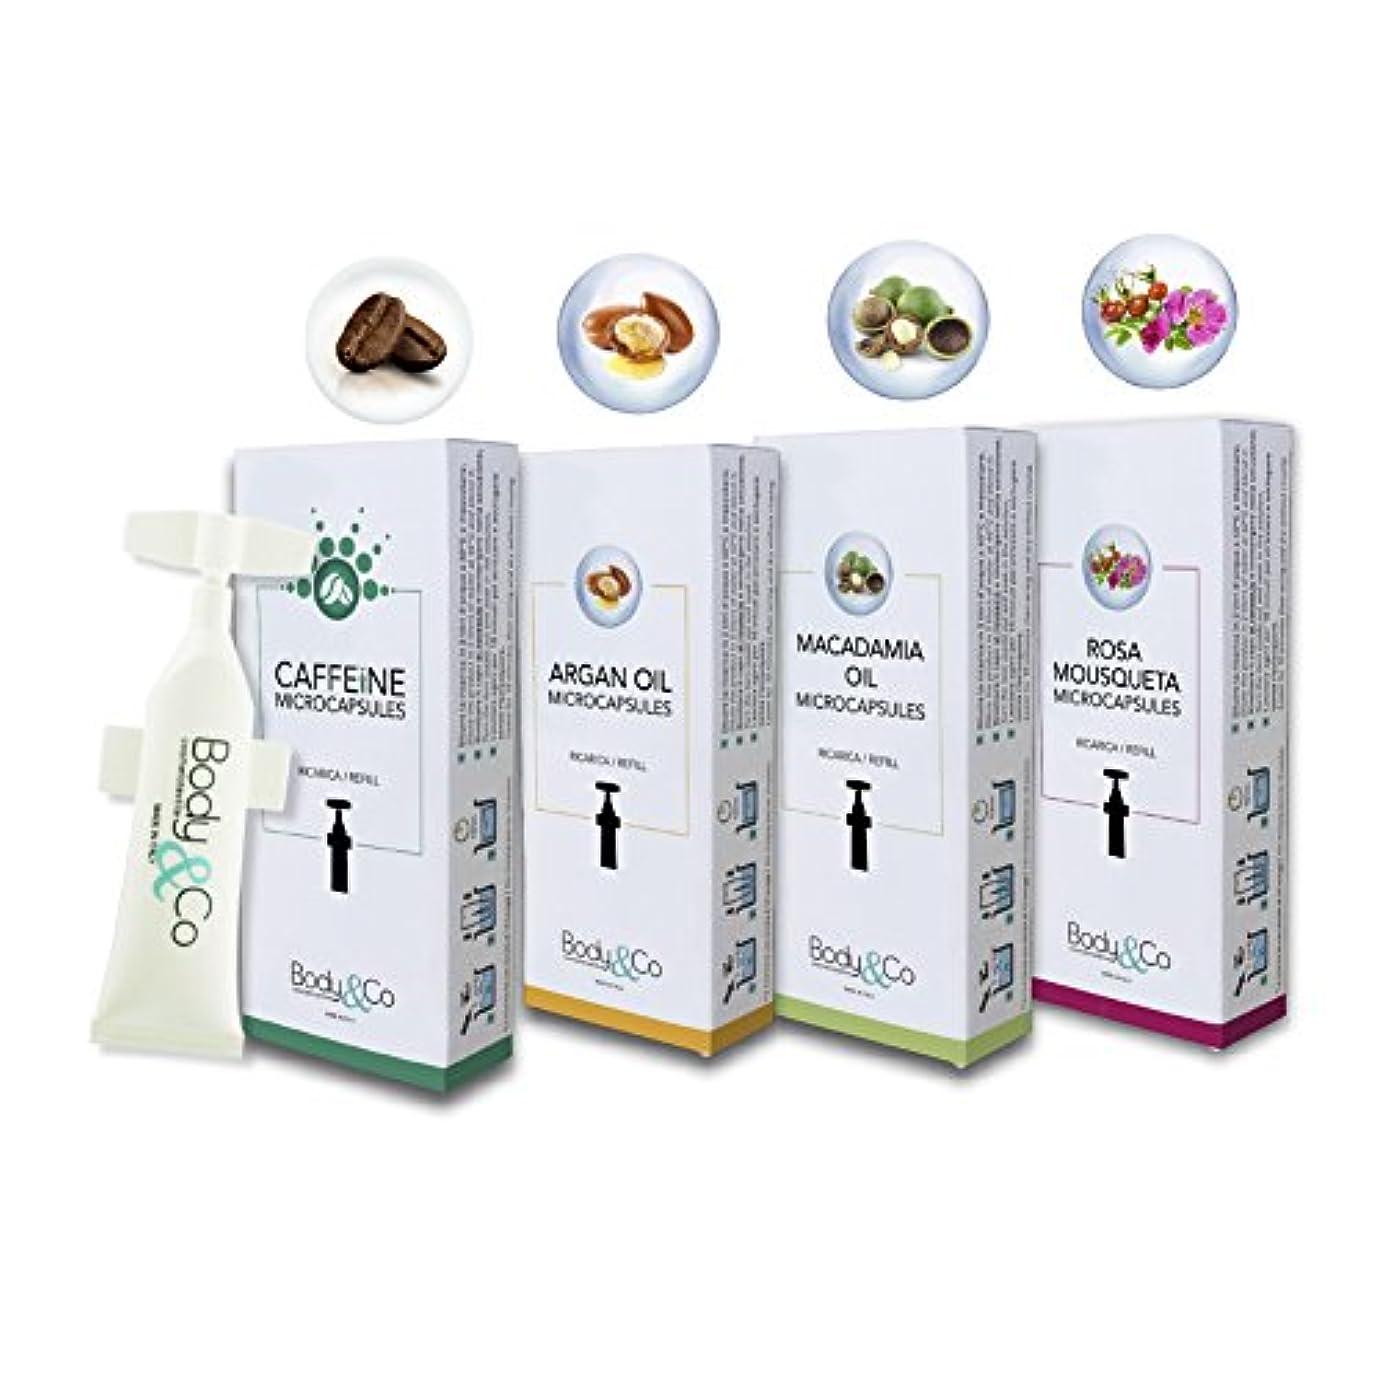 シエスタ癌ペンダントBody&Co Cosmetic Mix 4 Refills 10 ml: Caffeine, Argan Oil, Macadamia Oil, Rosa Mosqueta Oil